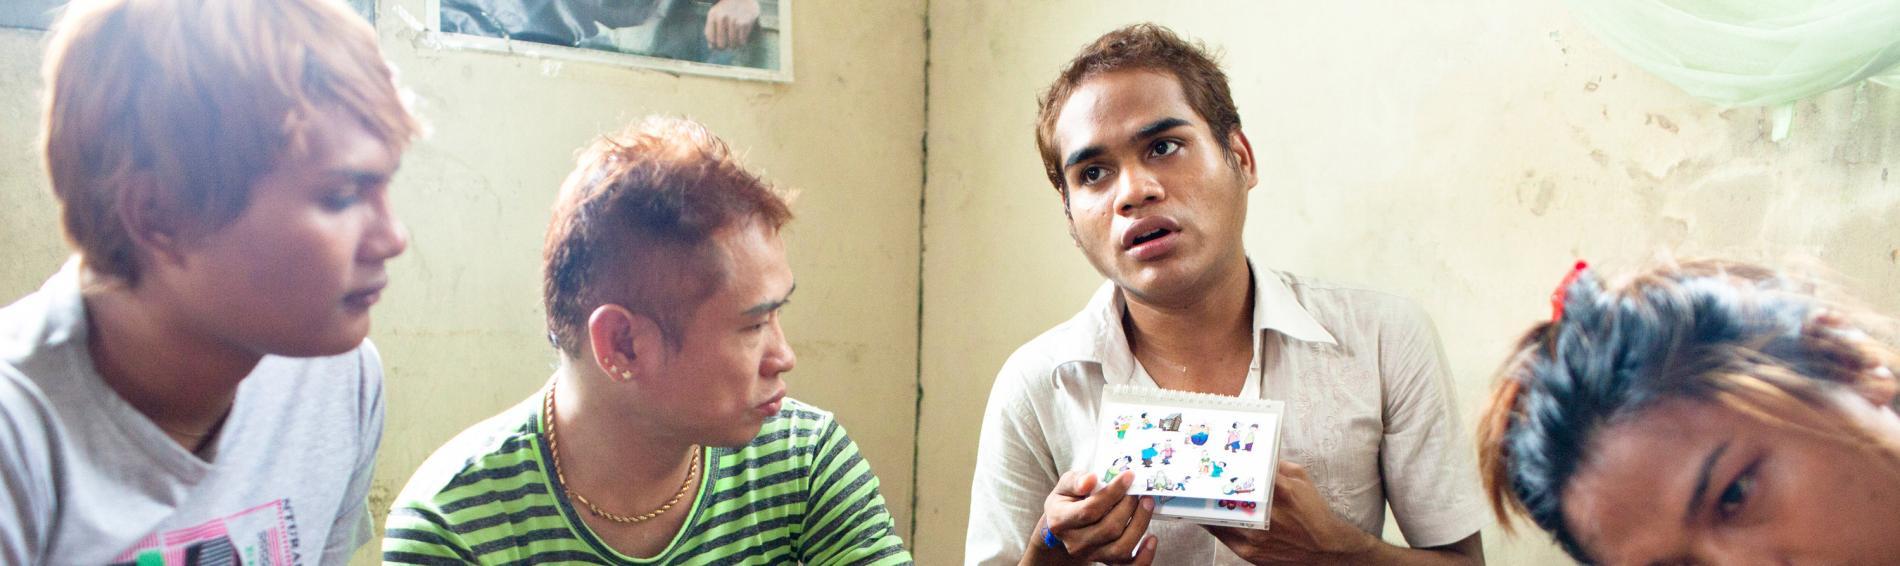 Kyaw Myo Thu gibt Aufklärungskurse für Homosexuelle. Foto: William Daniels